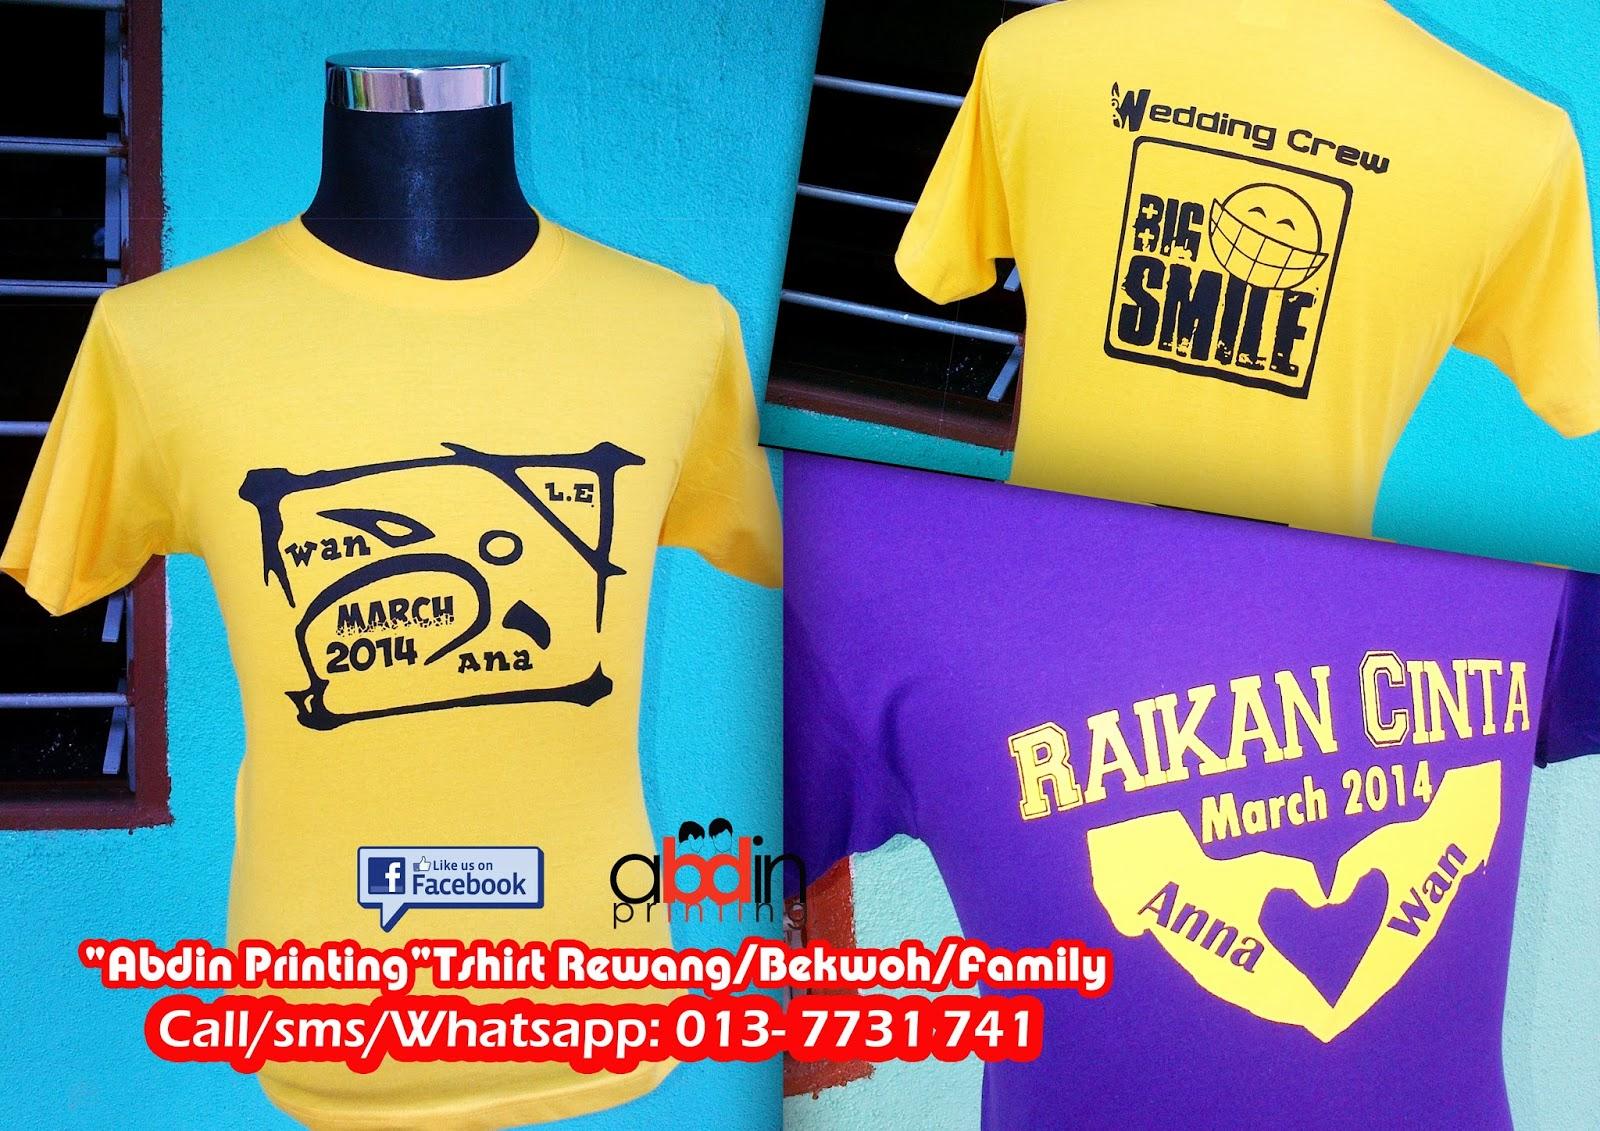 Design t shirt rewang - Design T Shirt Murah Design T Shirt Murah 12